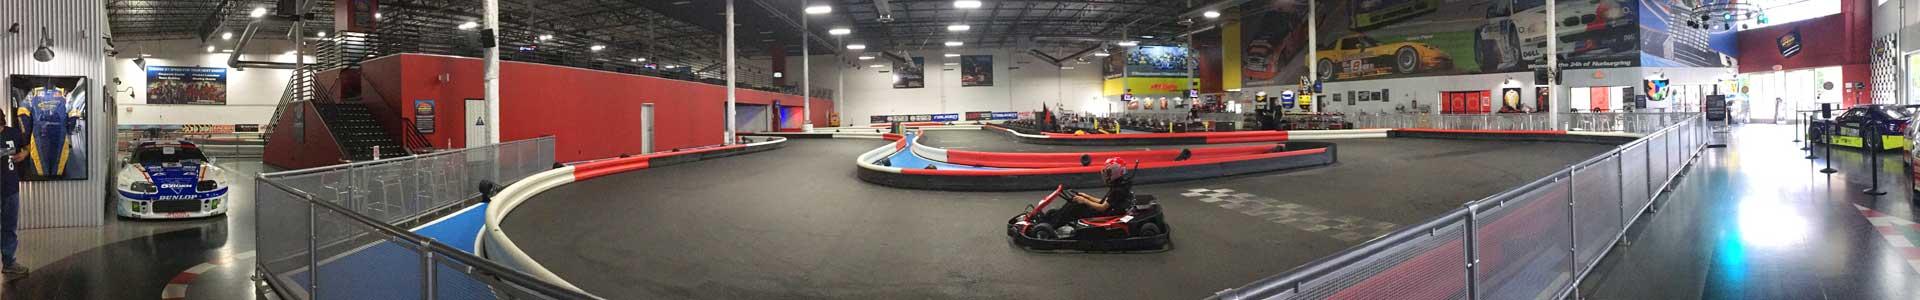 K1 Speed Indoor Go Kart Racing Anaheim